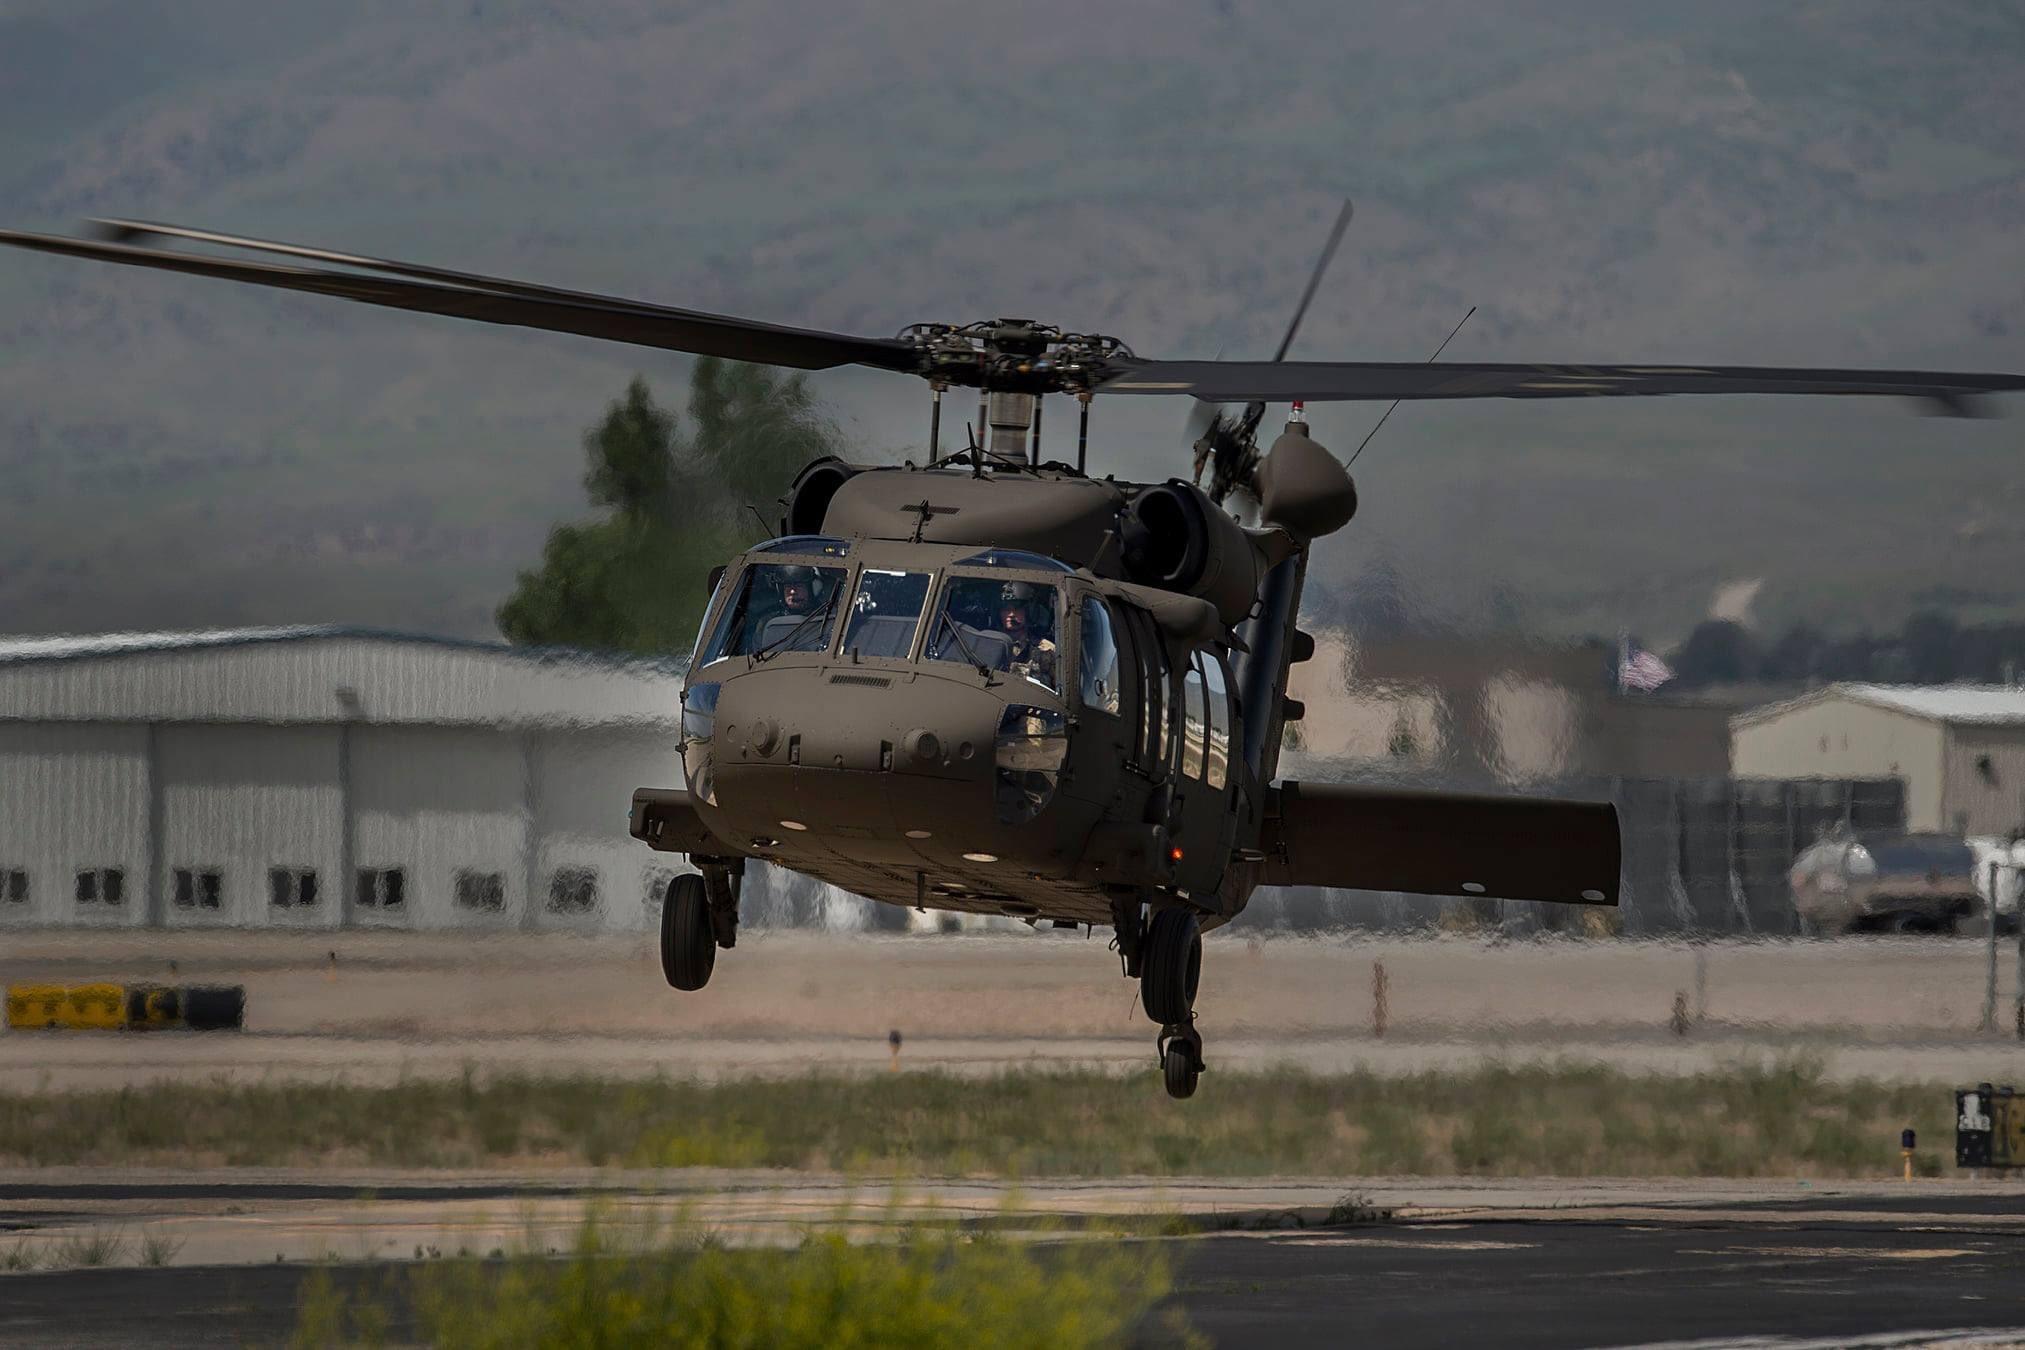 Συναγερμός στις ΗΠΑ: Συντριβή ελικοπτέρου Black Hawk στο Άινταχο με τρεις νεκρούς